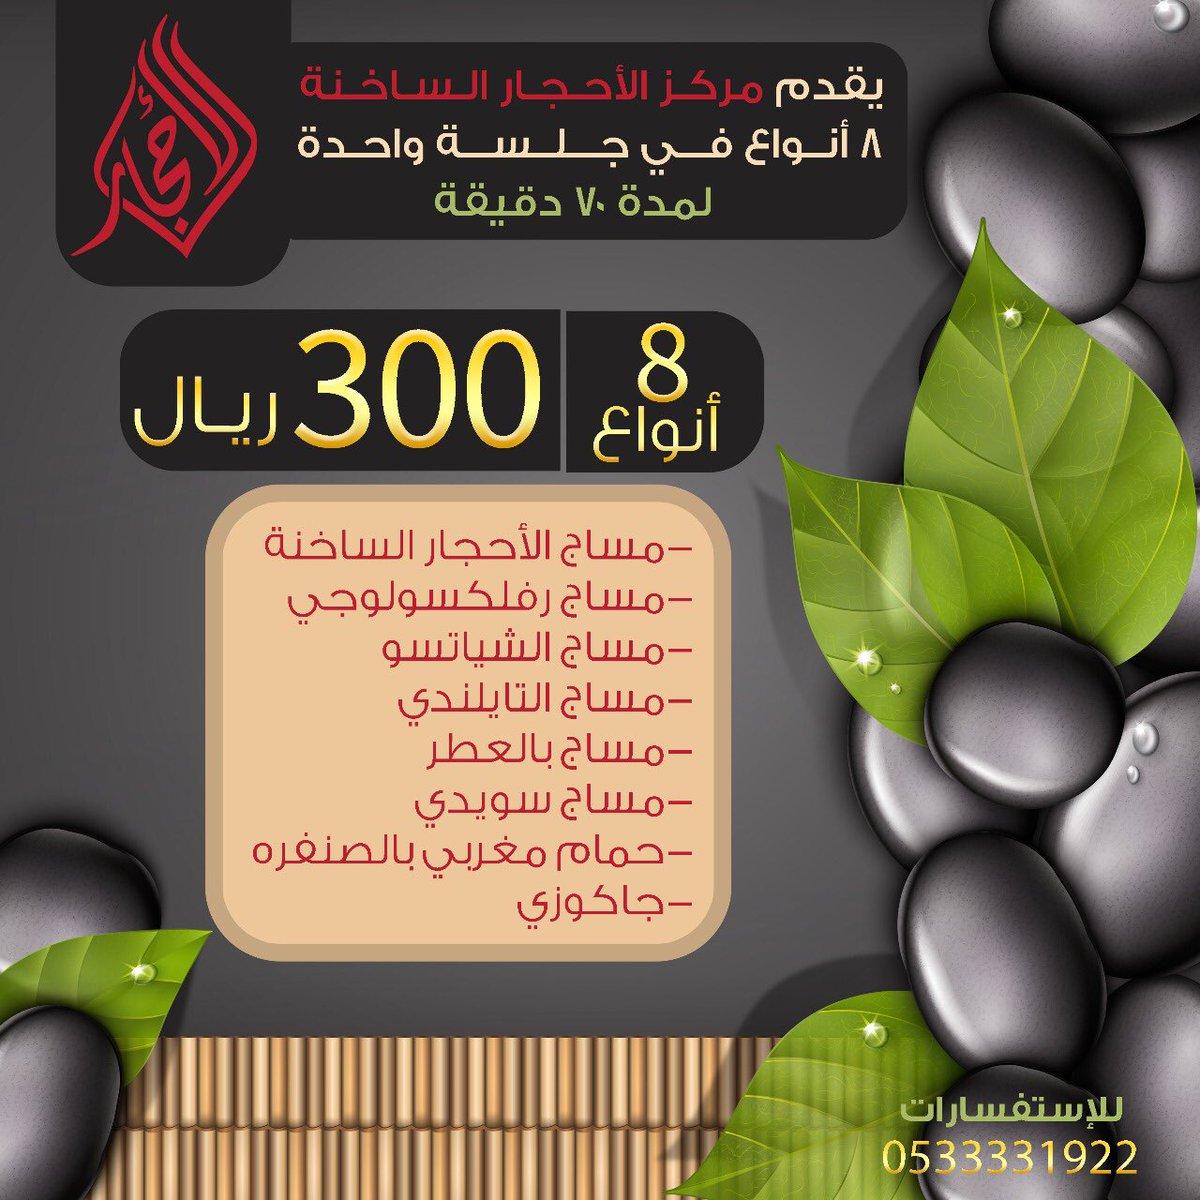 مركز الأحجار الساخنة للرجال في الرياض